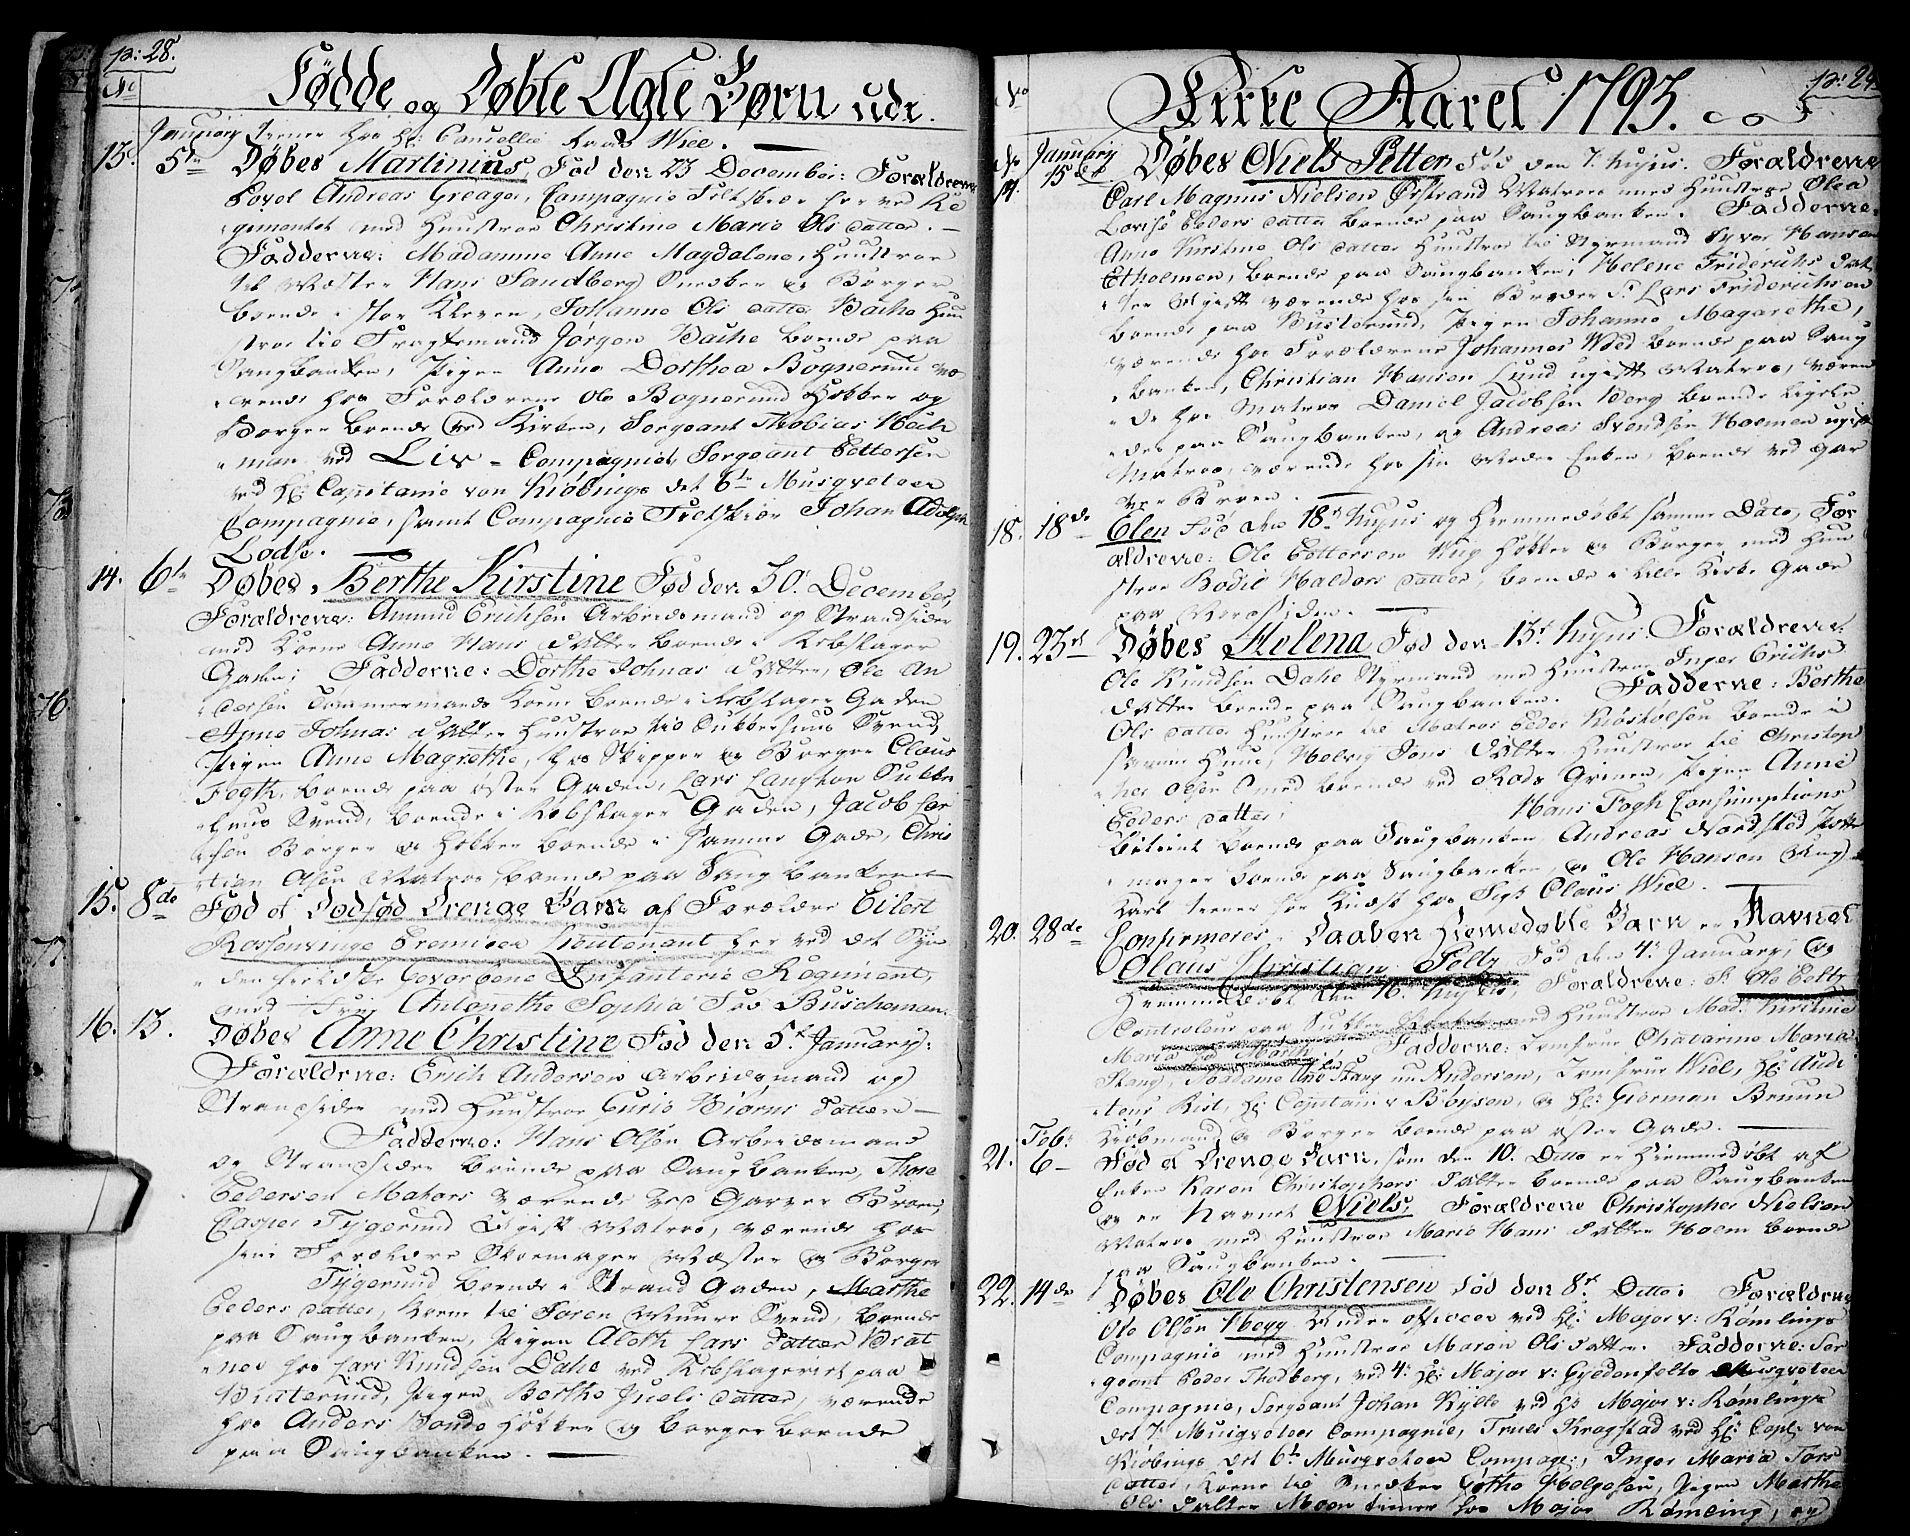 SAO, Halden prestekontor Kirkebøker, F/Fa/L0002: Ministerialbok nr. I 2, 1792-1812, s. 28-29